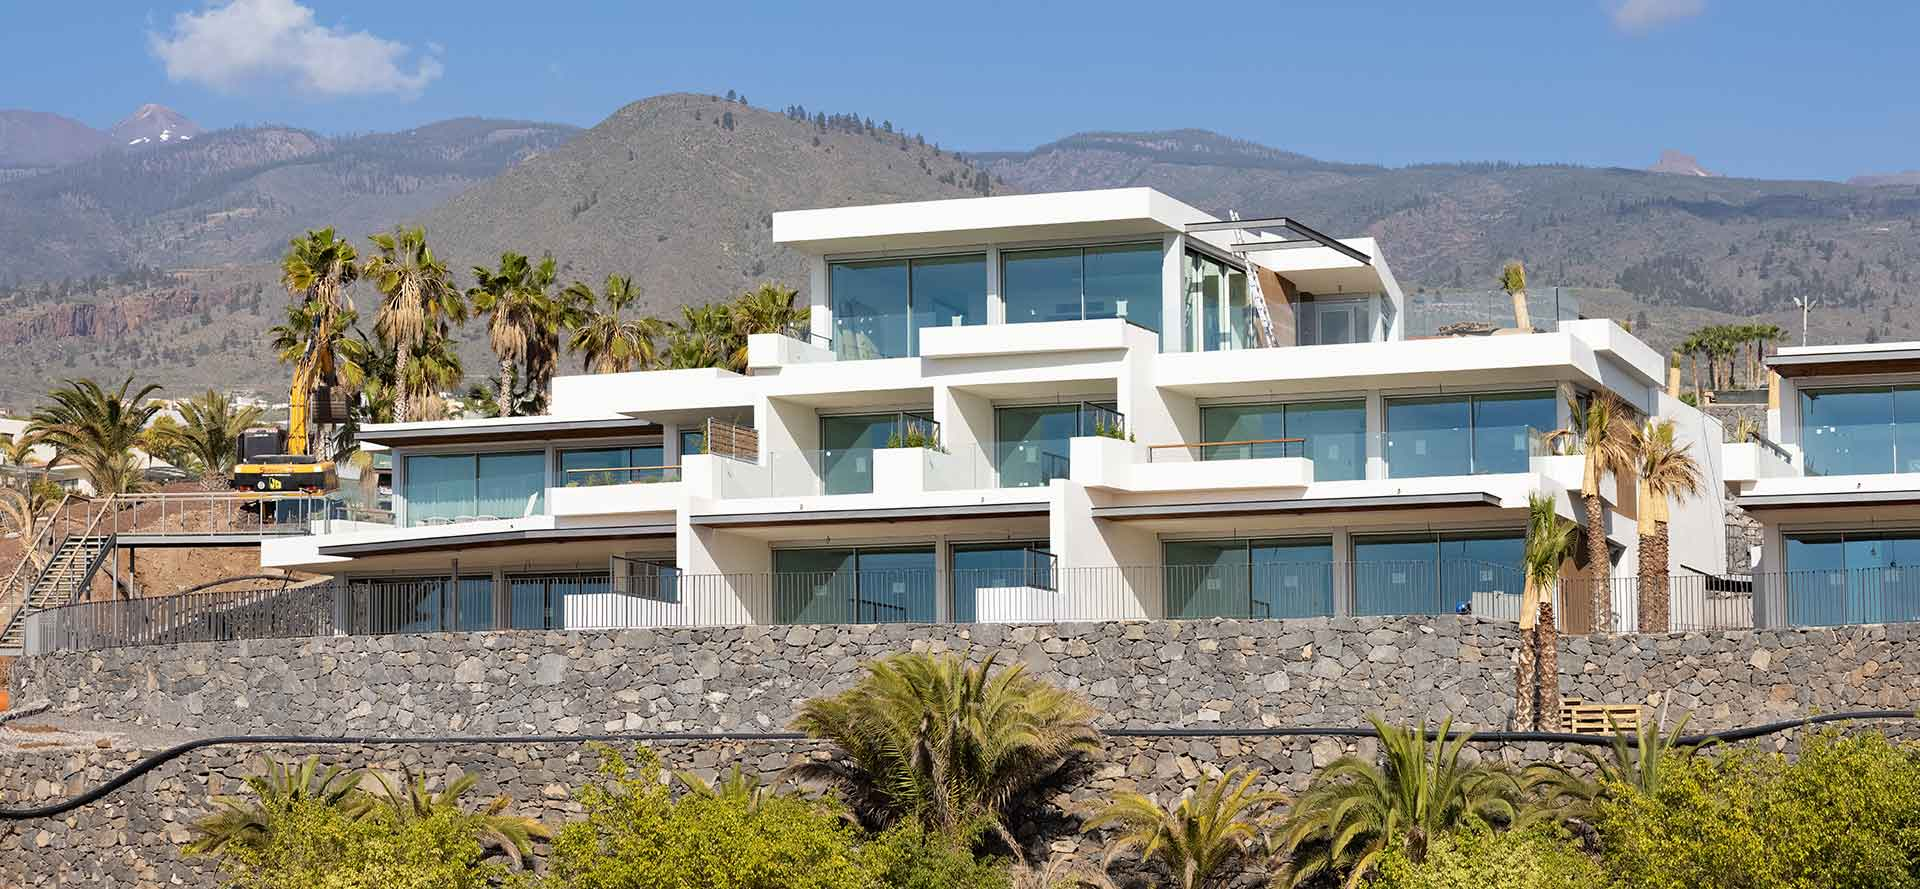 Villas de Abama DRAGADOS - Hormigones TAUCE